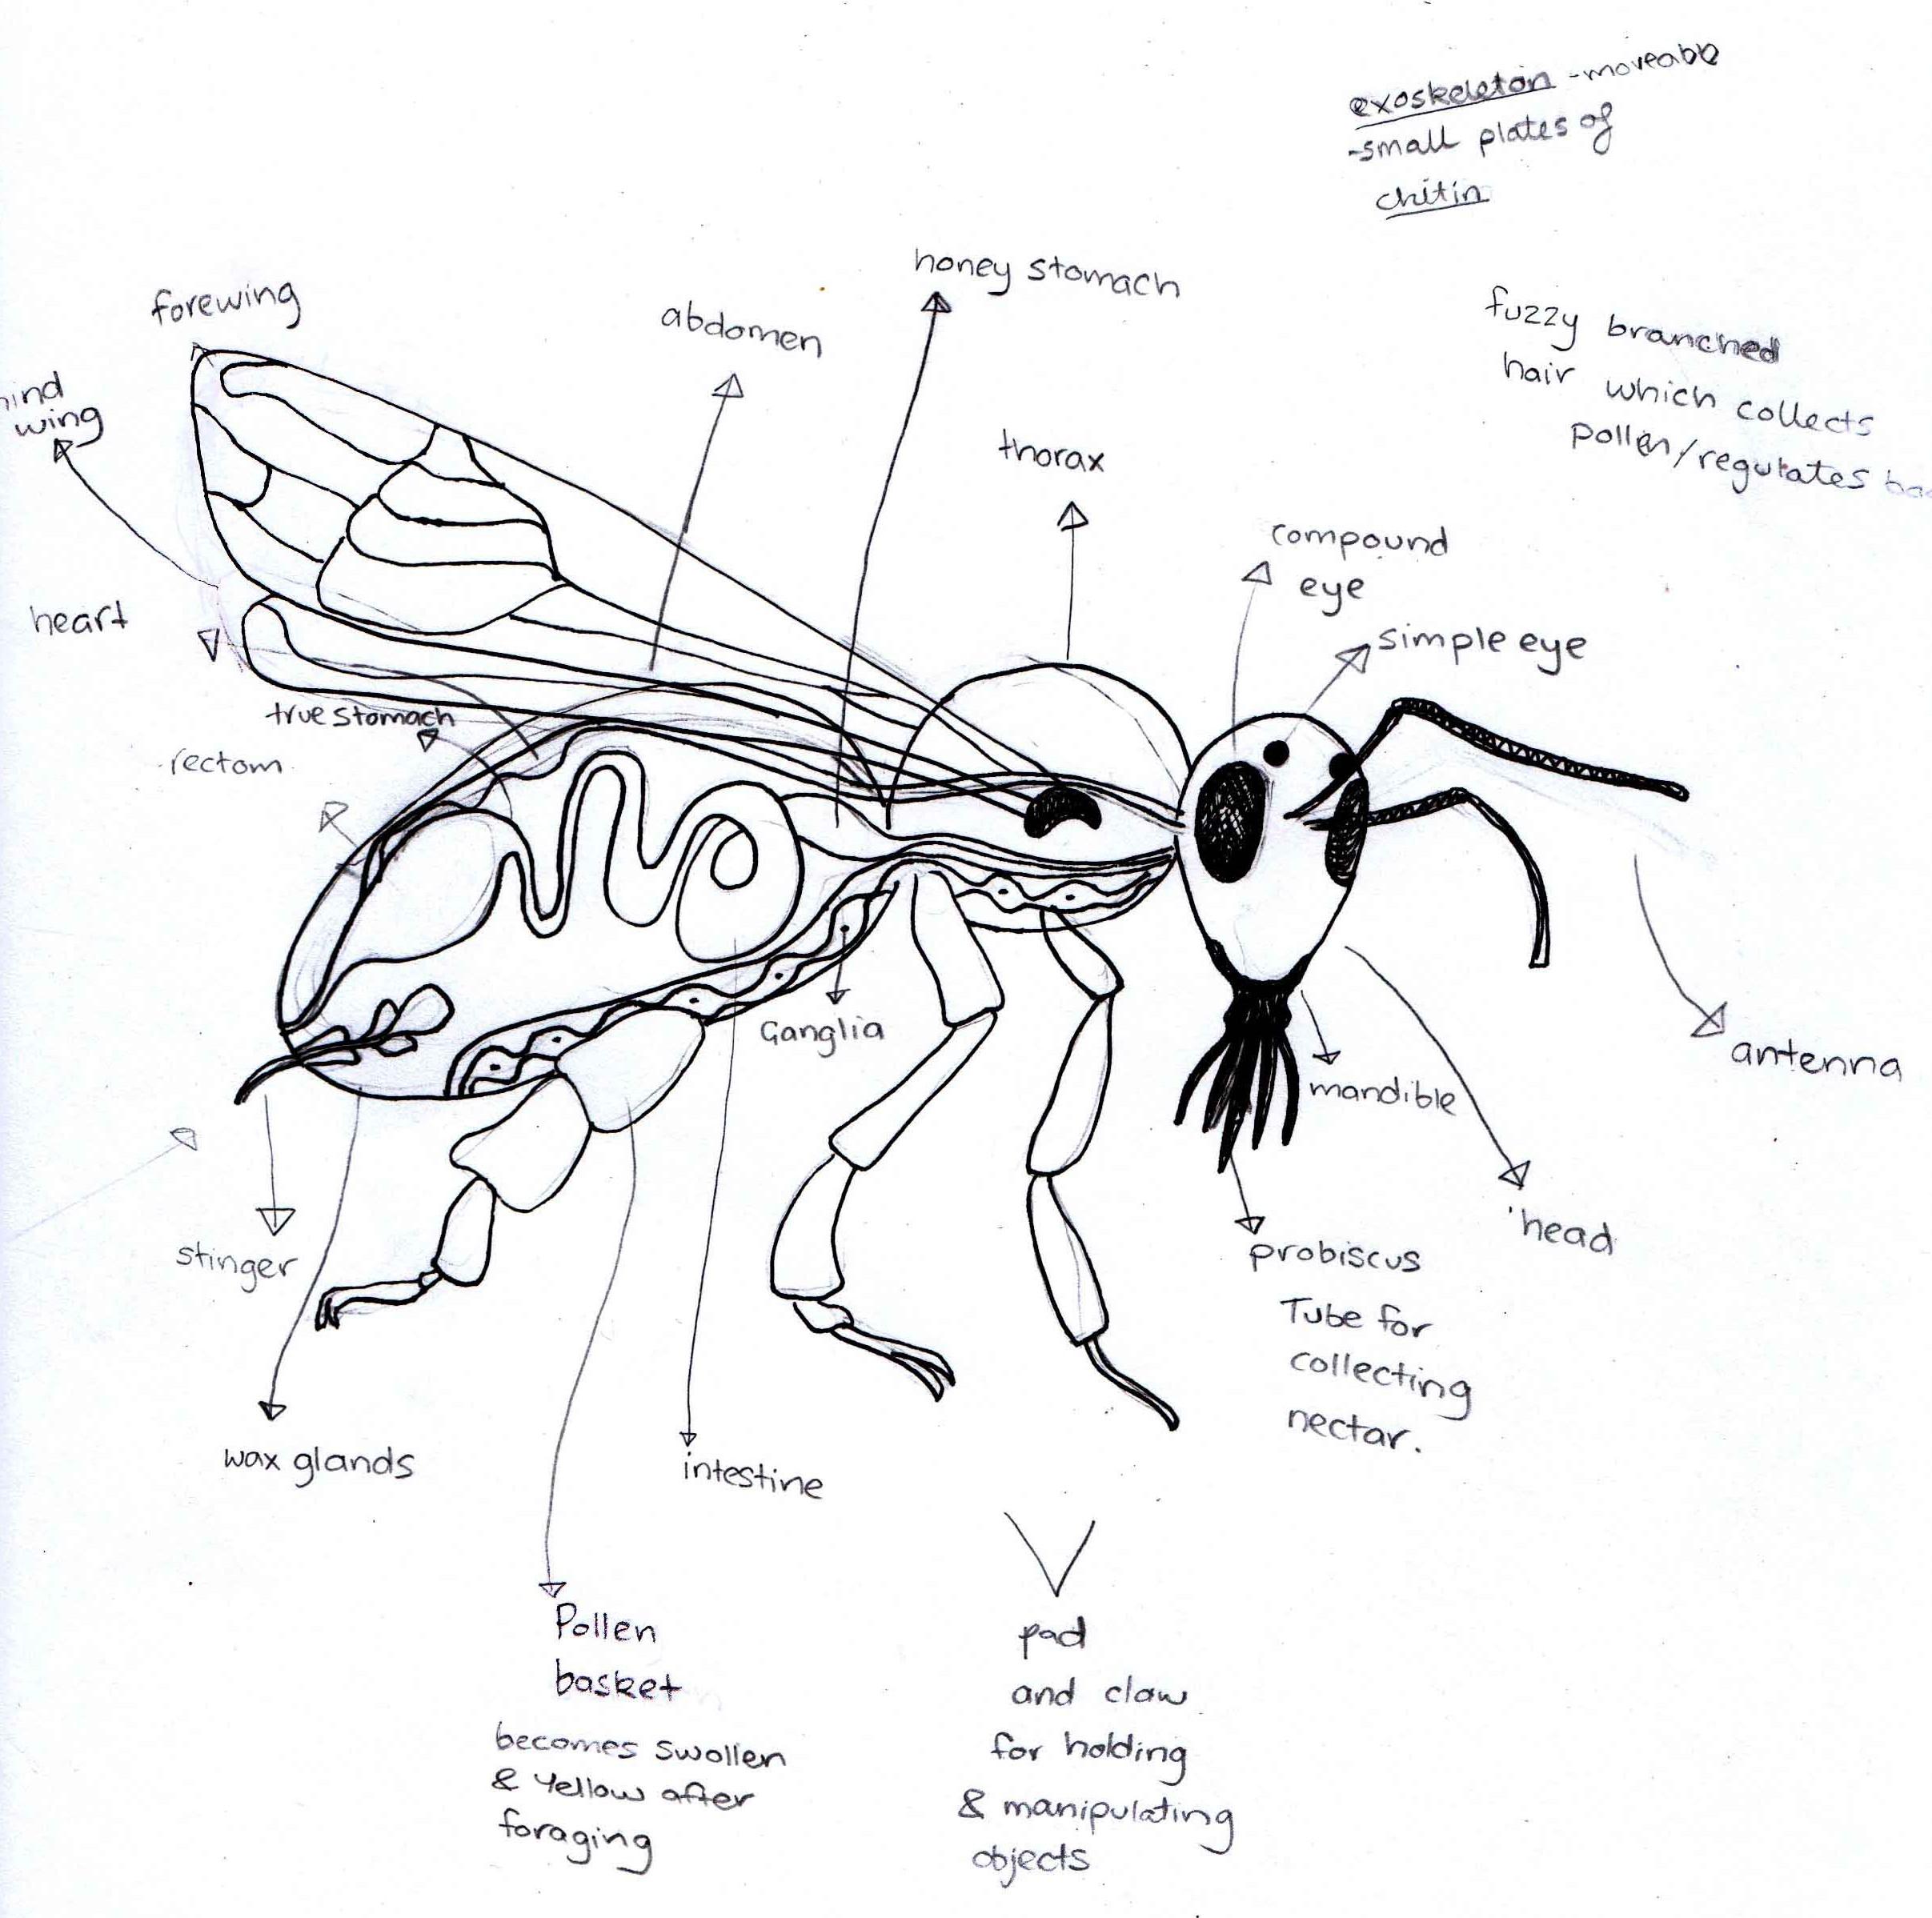 Honeybee Habits; research for prototype design |